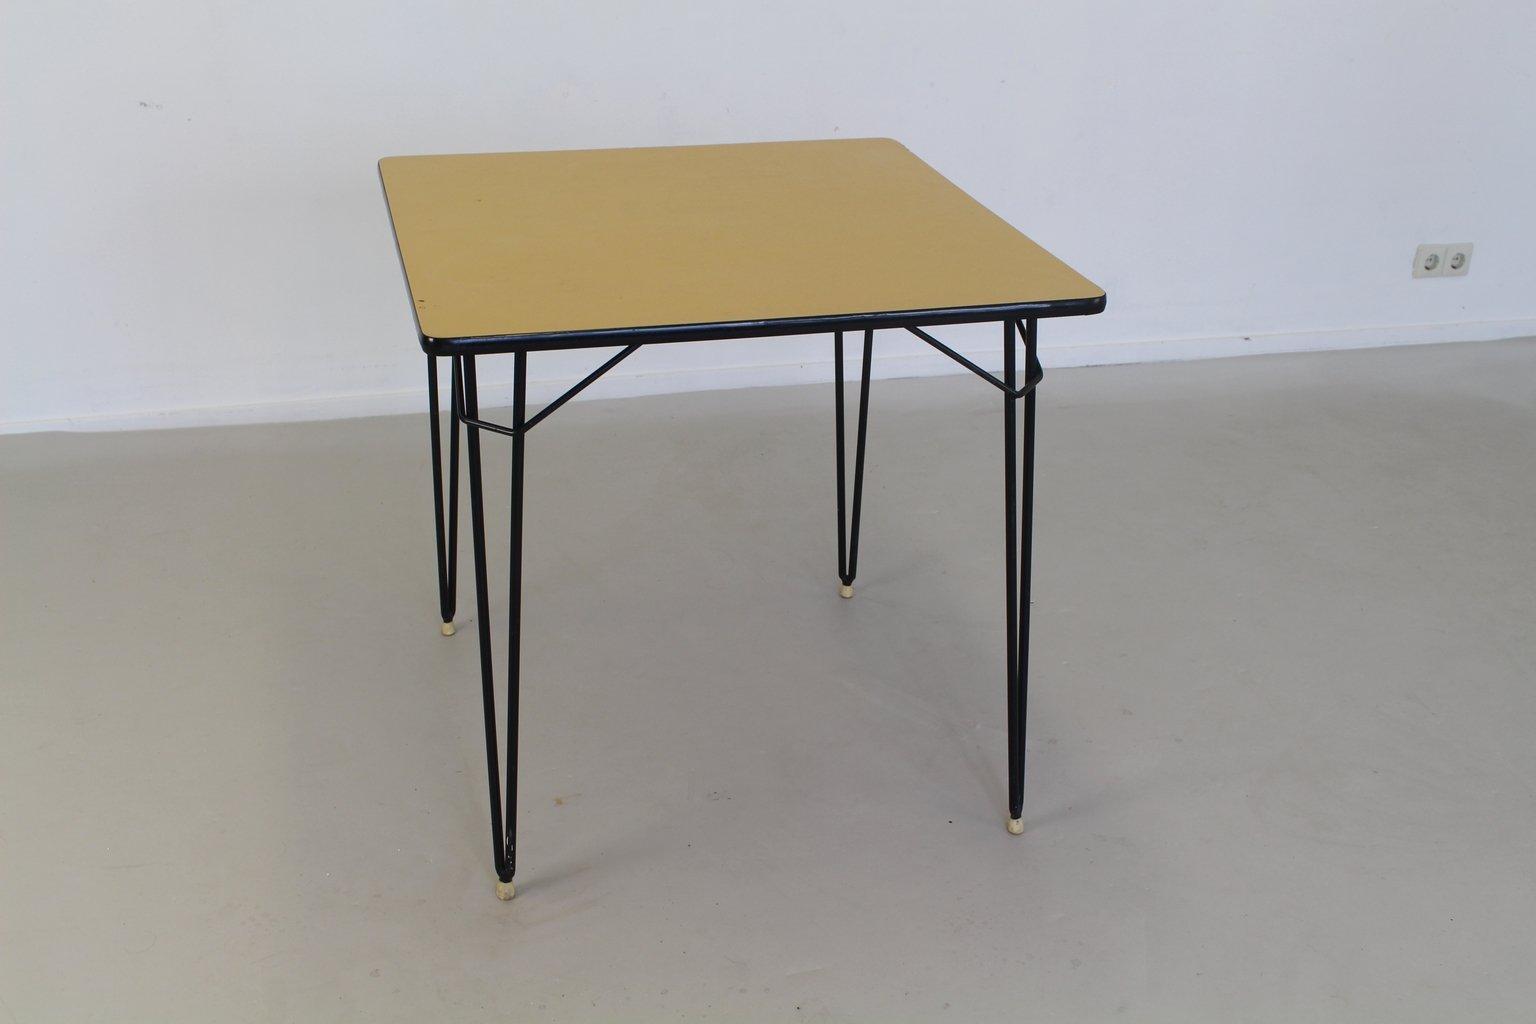 table de cuisine en formica et en m tal pays bas 1965 en. Black Bedroom Furniture Sets. Home Design Ideas